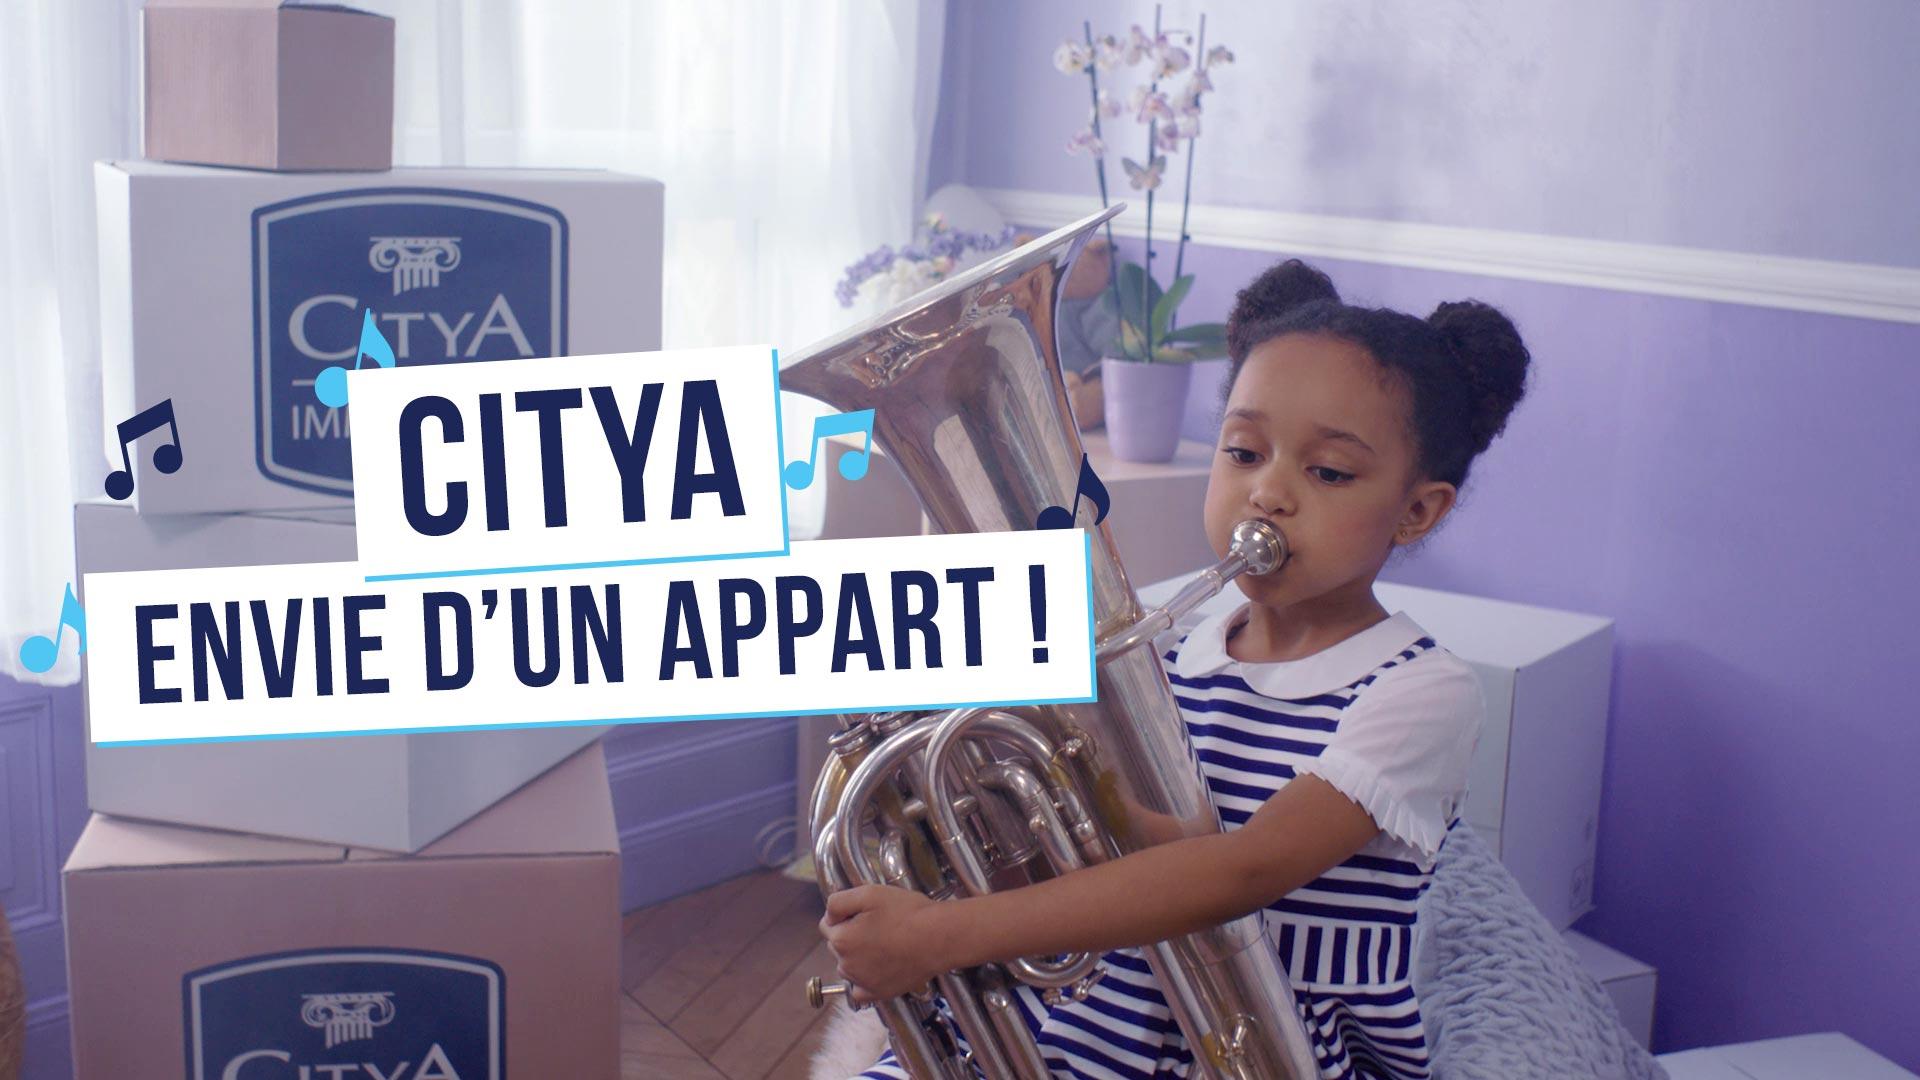 [Tera Version] Citya, envie d'un appart, le retour de Tata Citya